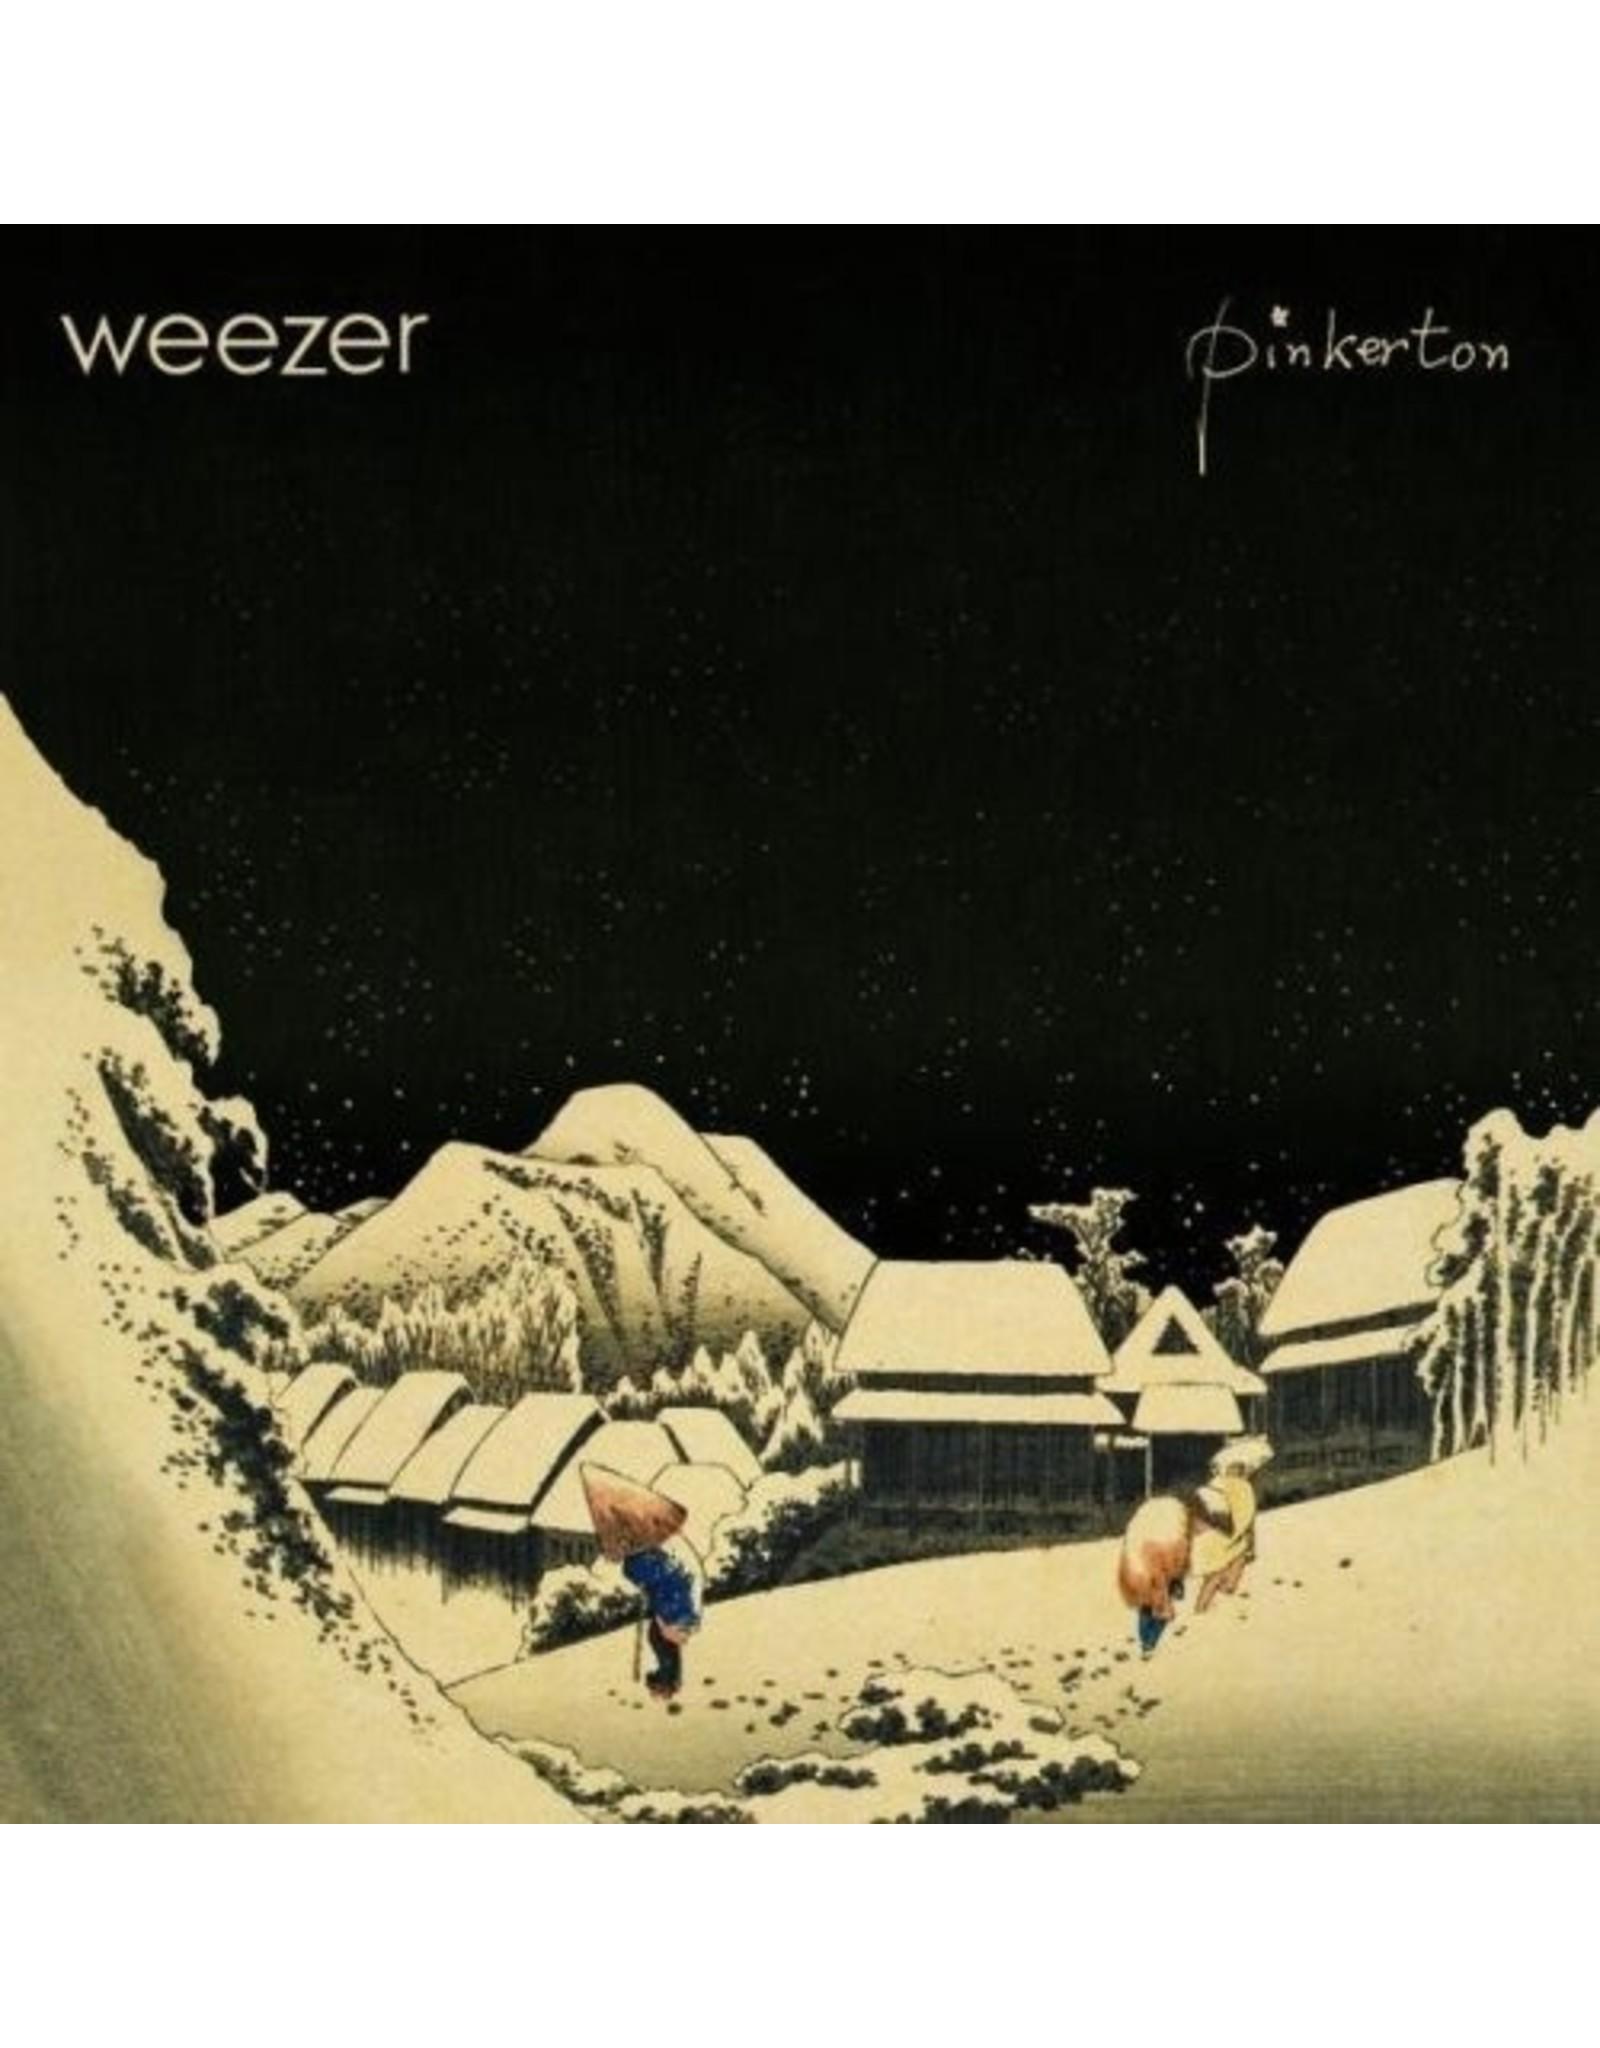 New Vinyl Weezer - Pinkerton LP